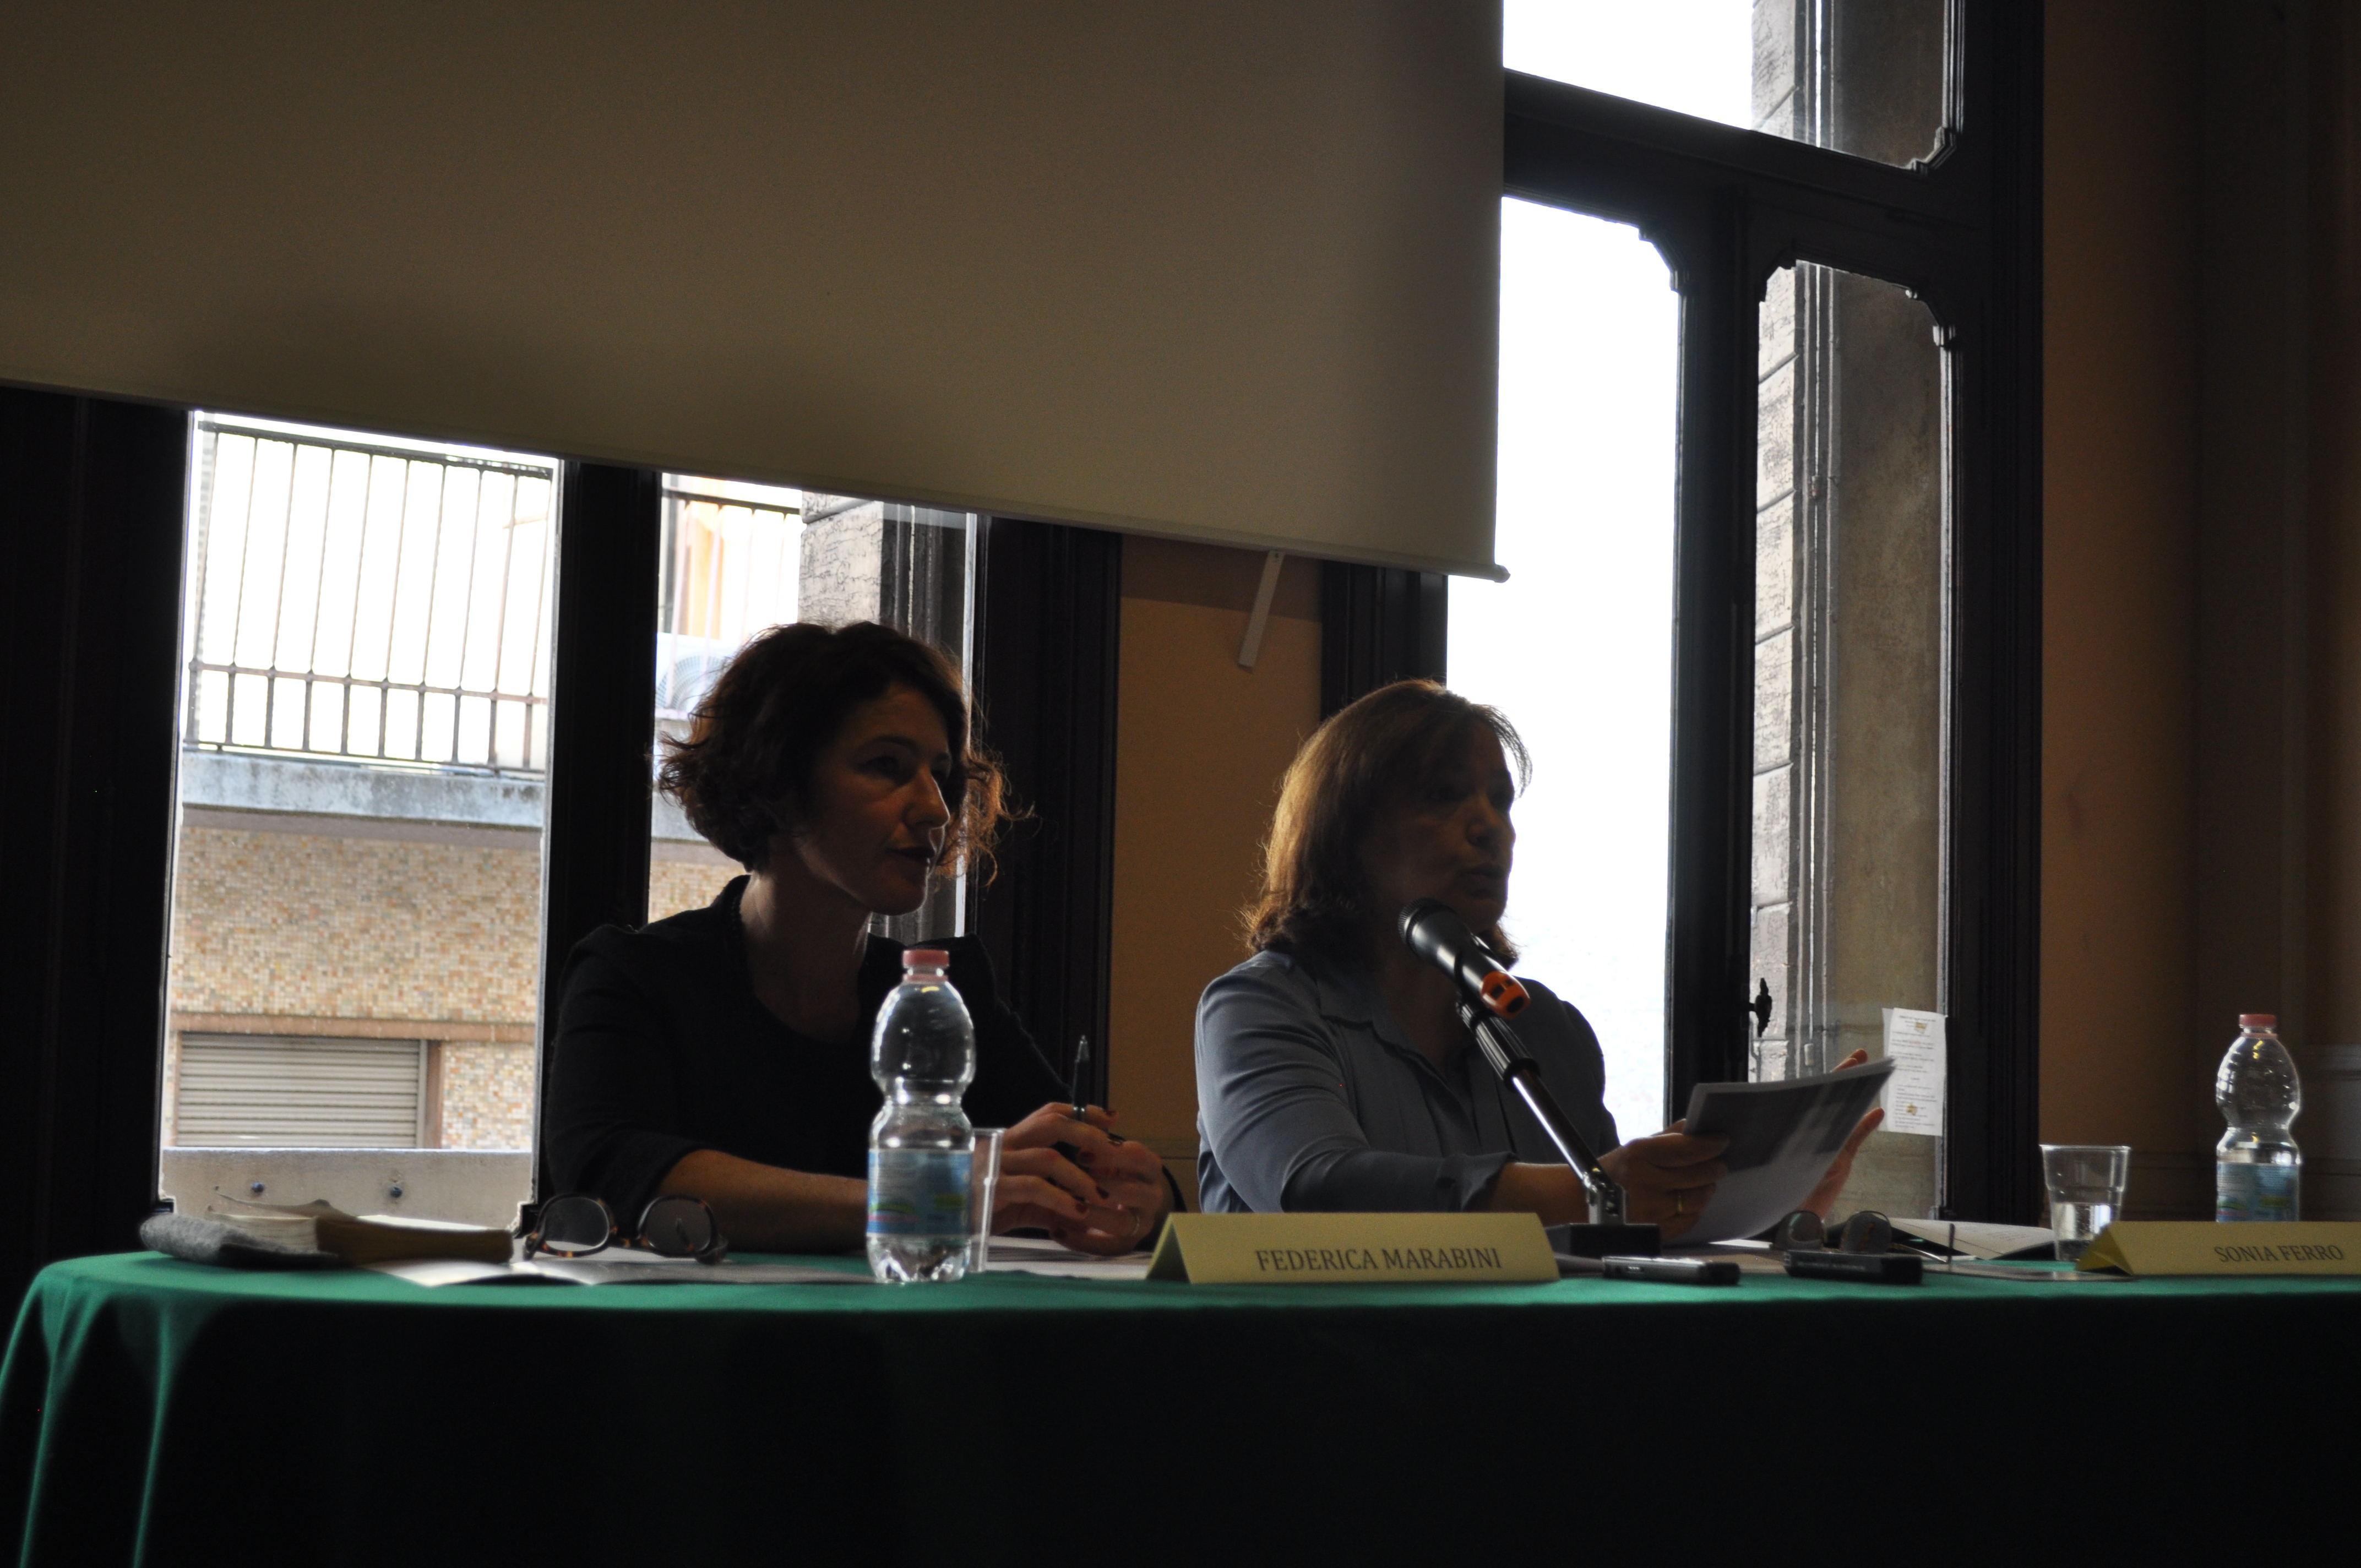 Federica Marabini e Sonia Ferro